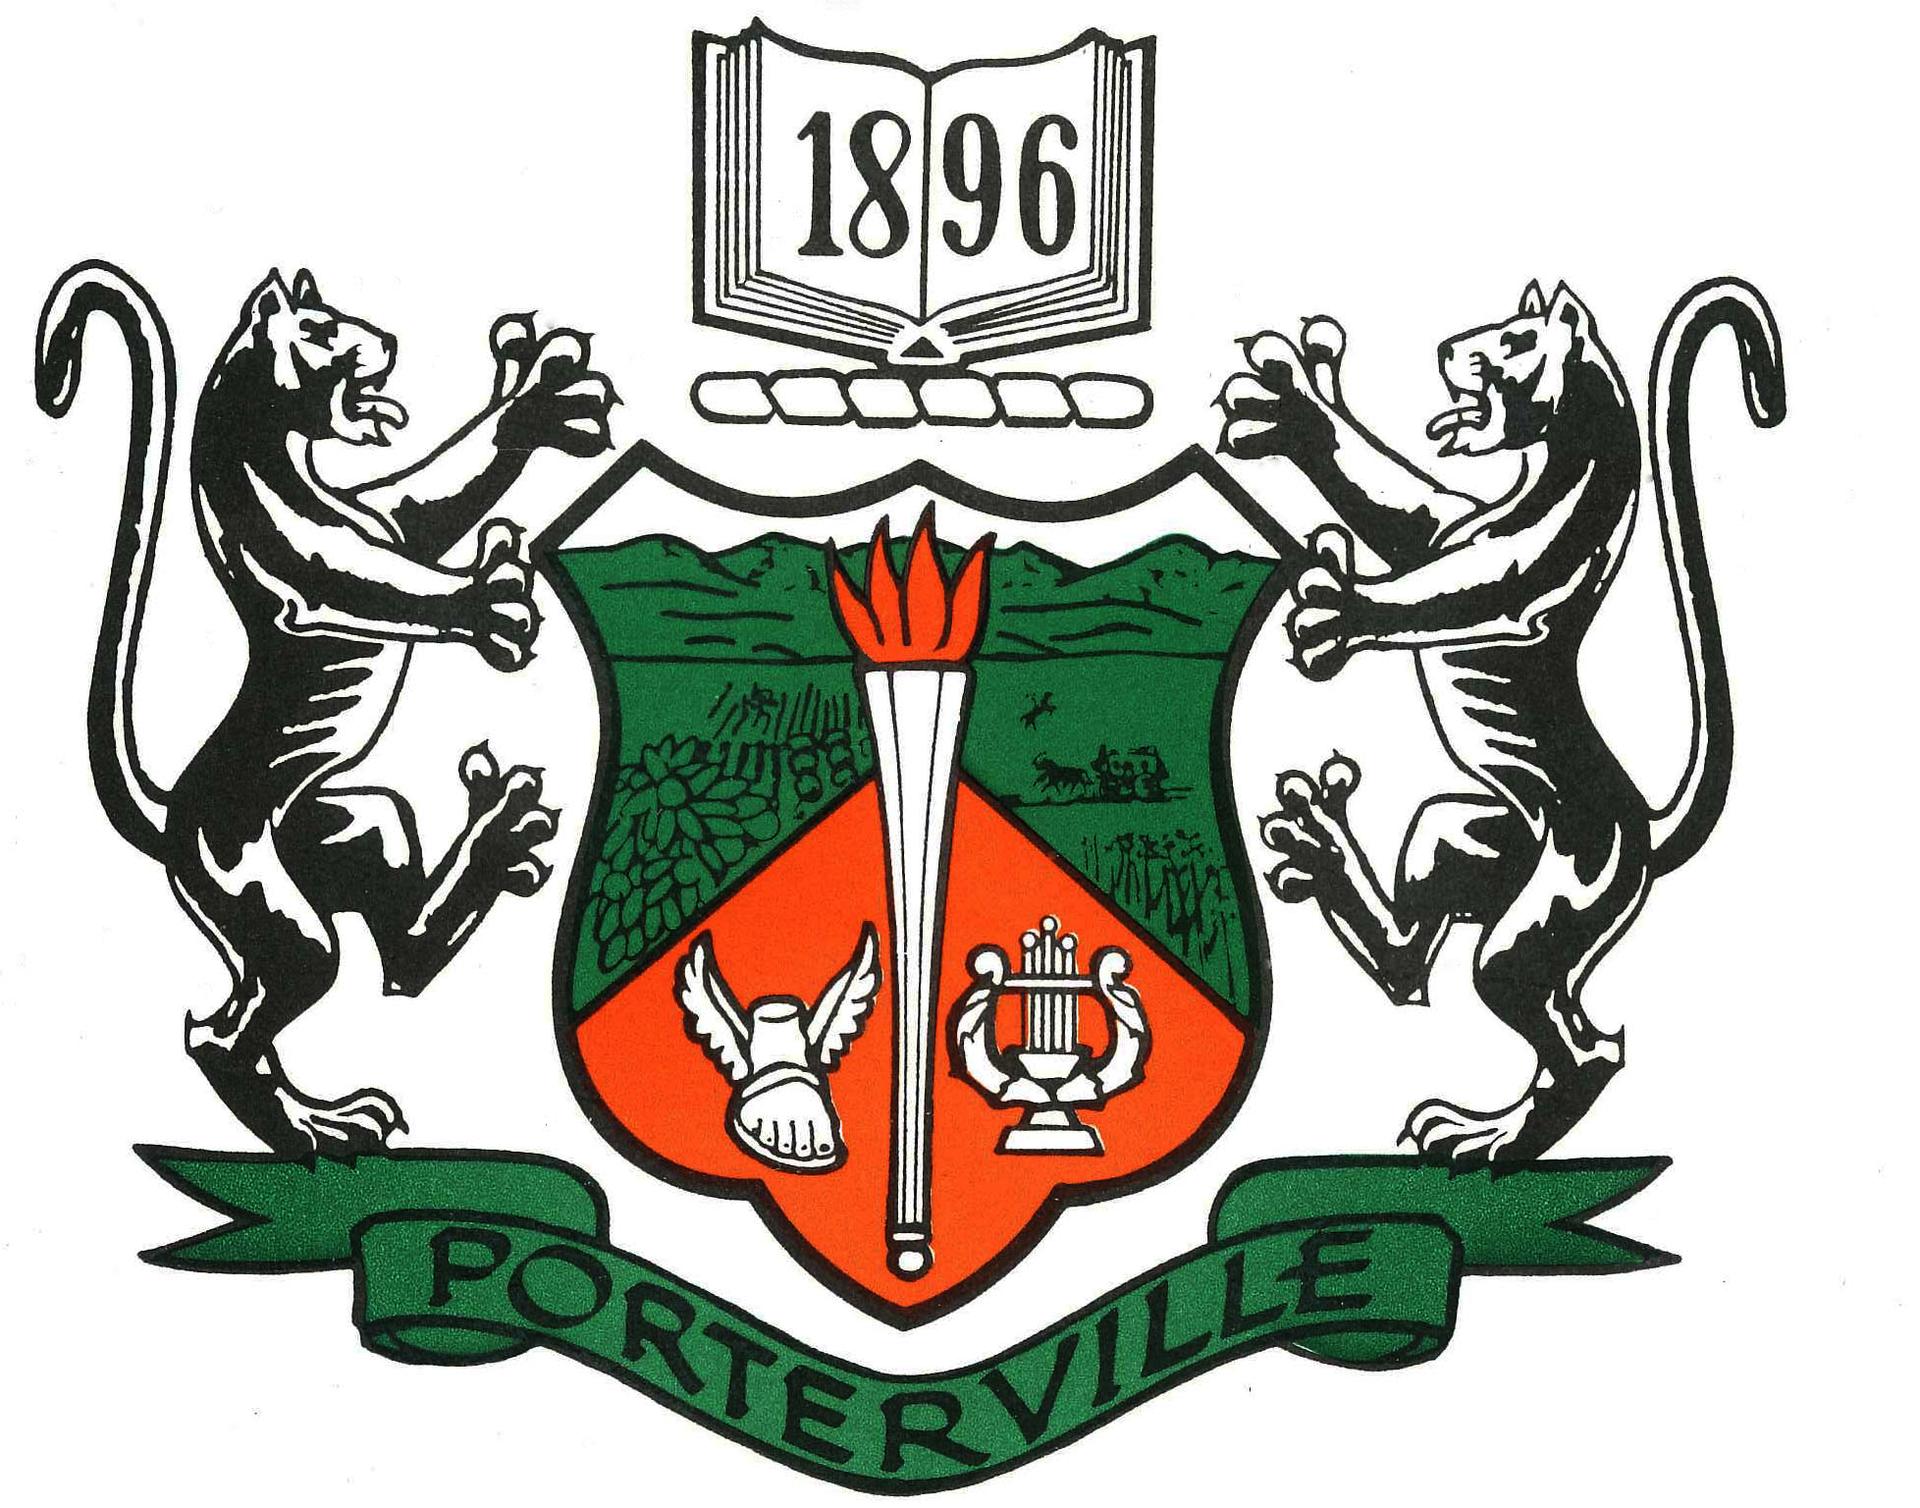 Porterville logo